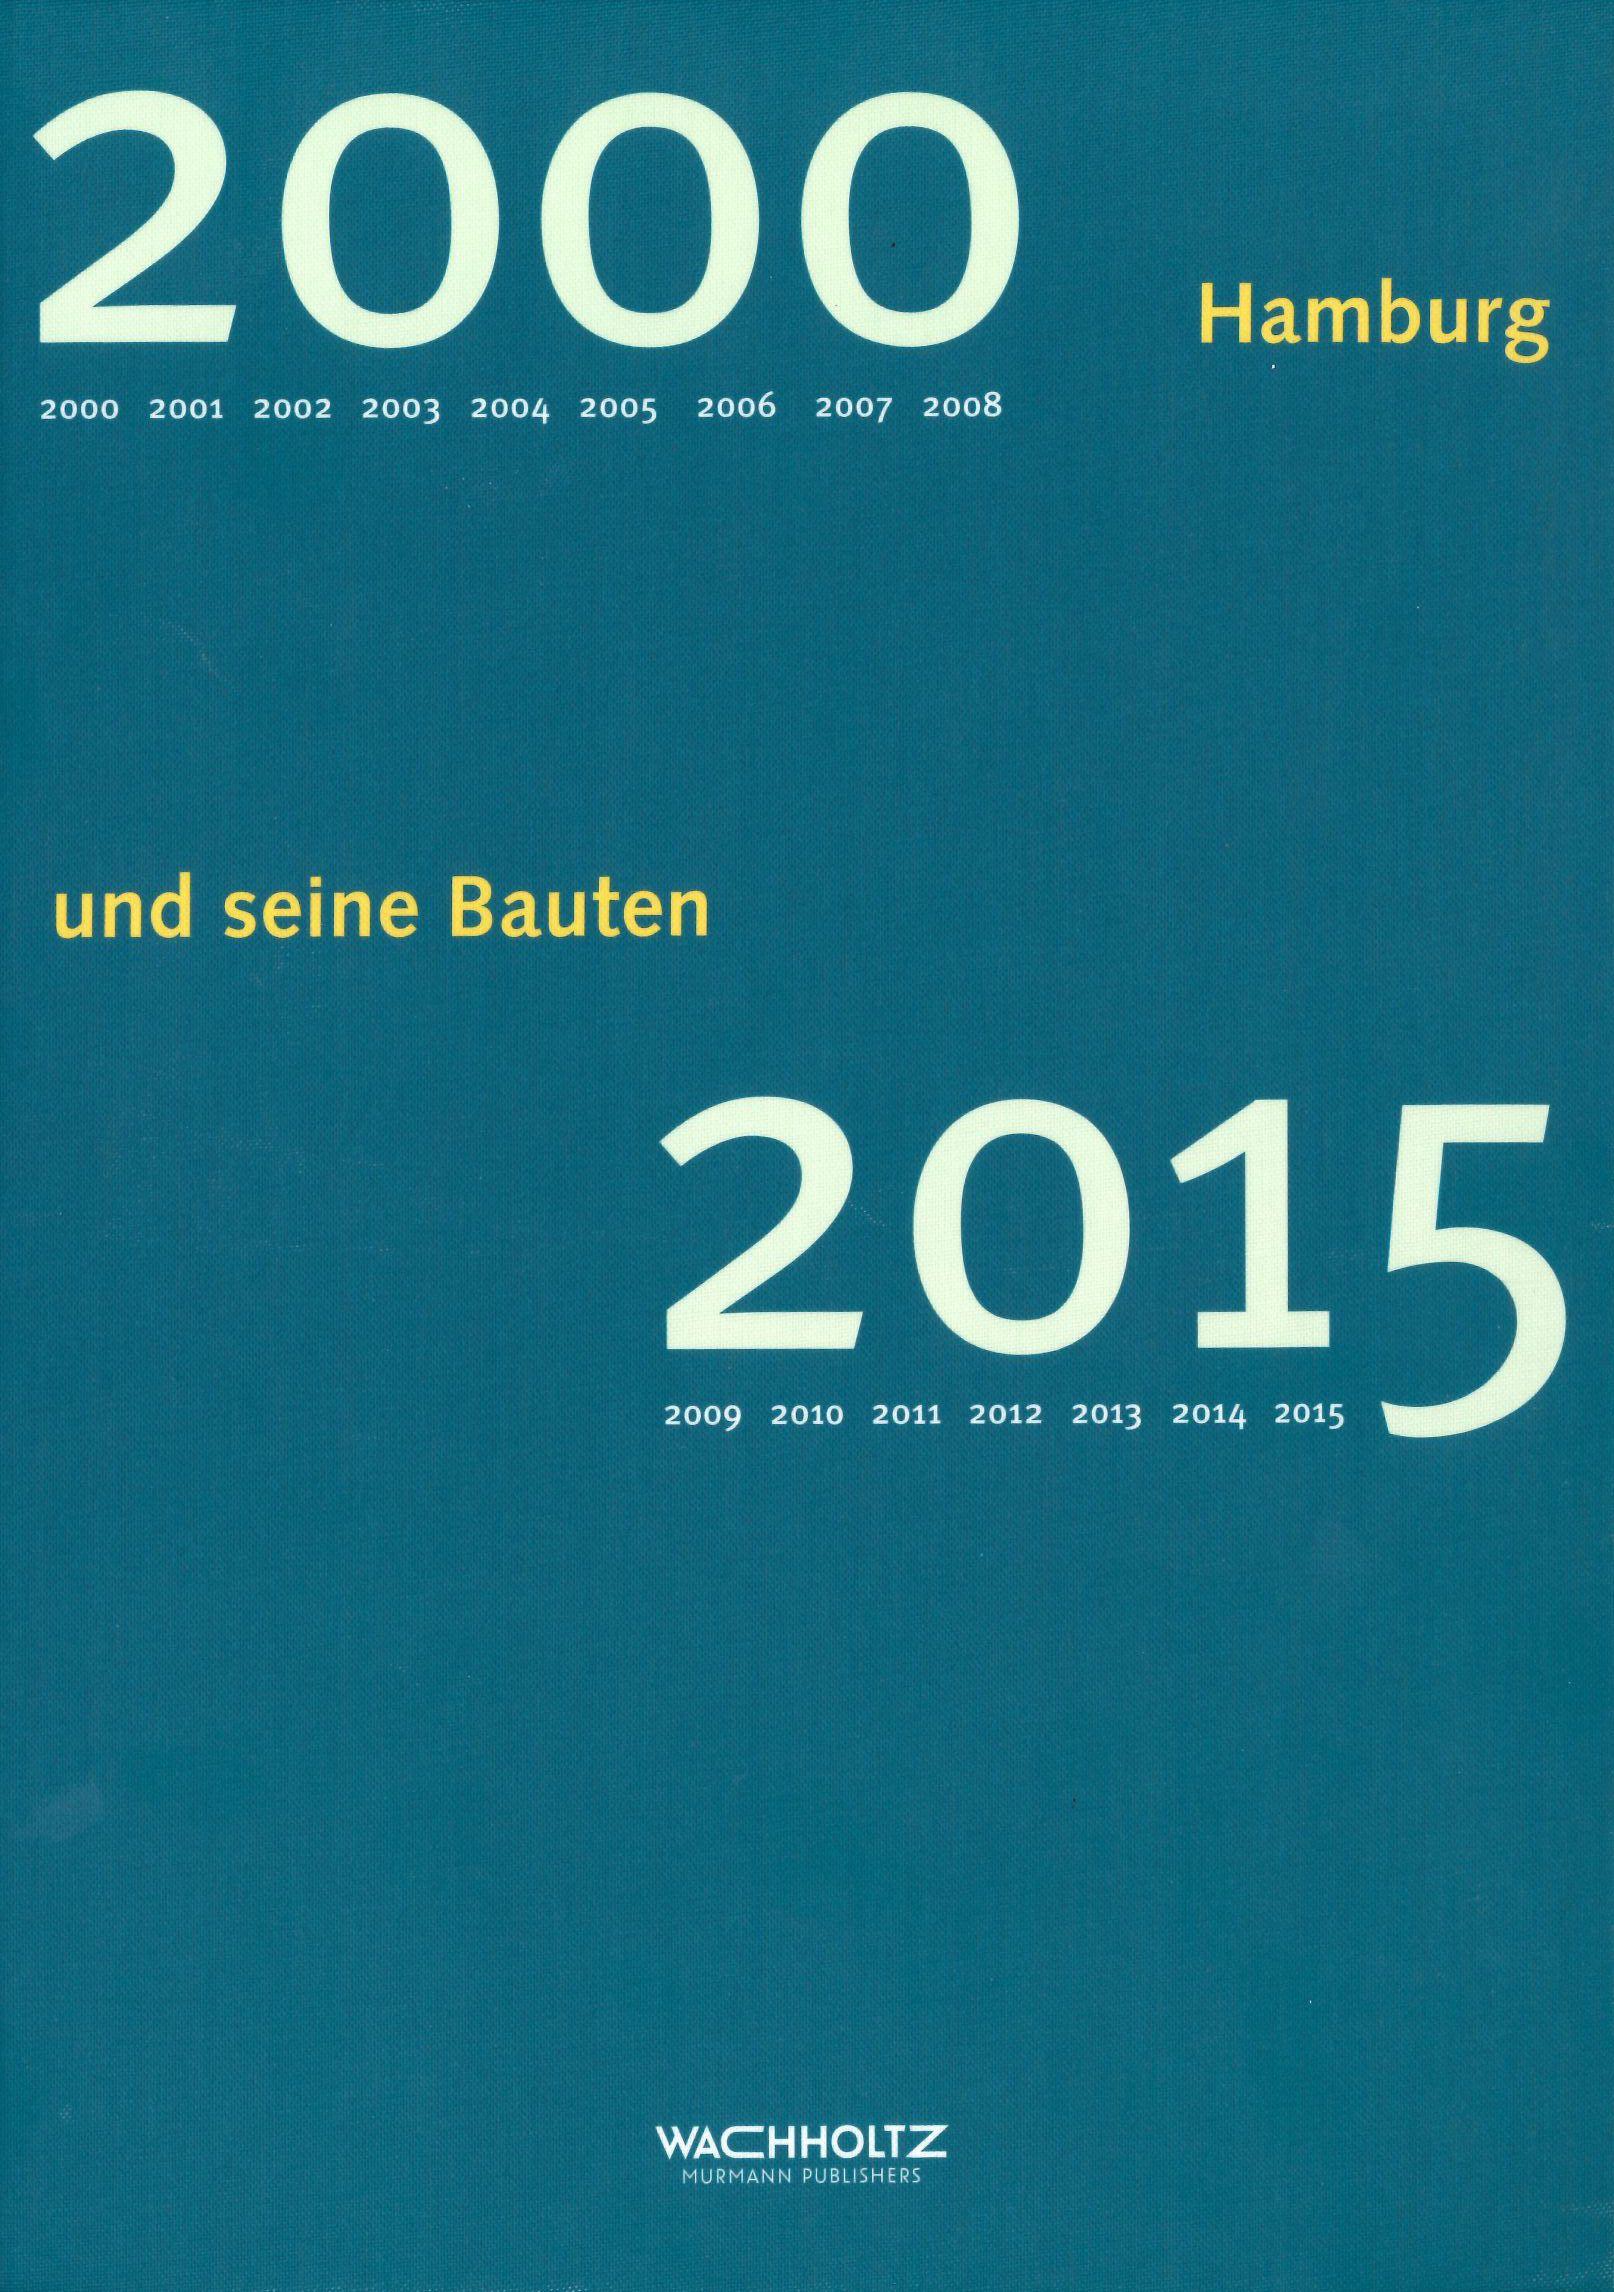 Hamburg und seine Bauten 2000 - 2015